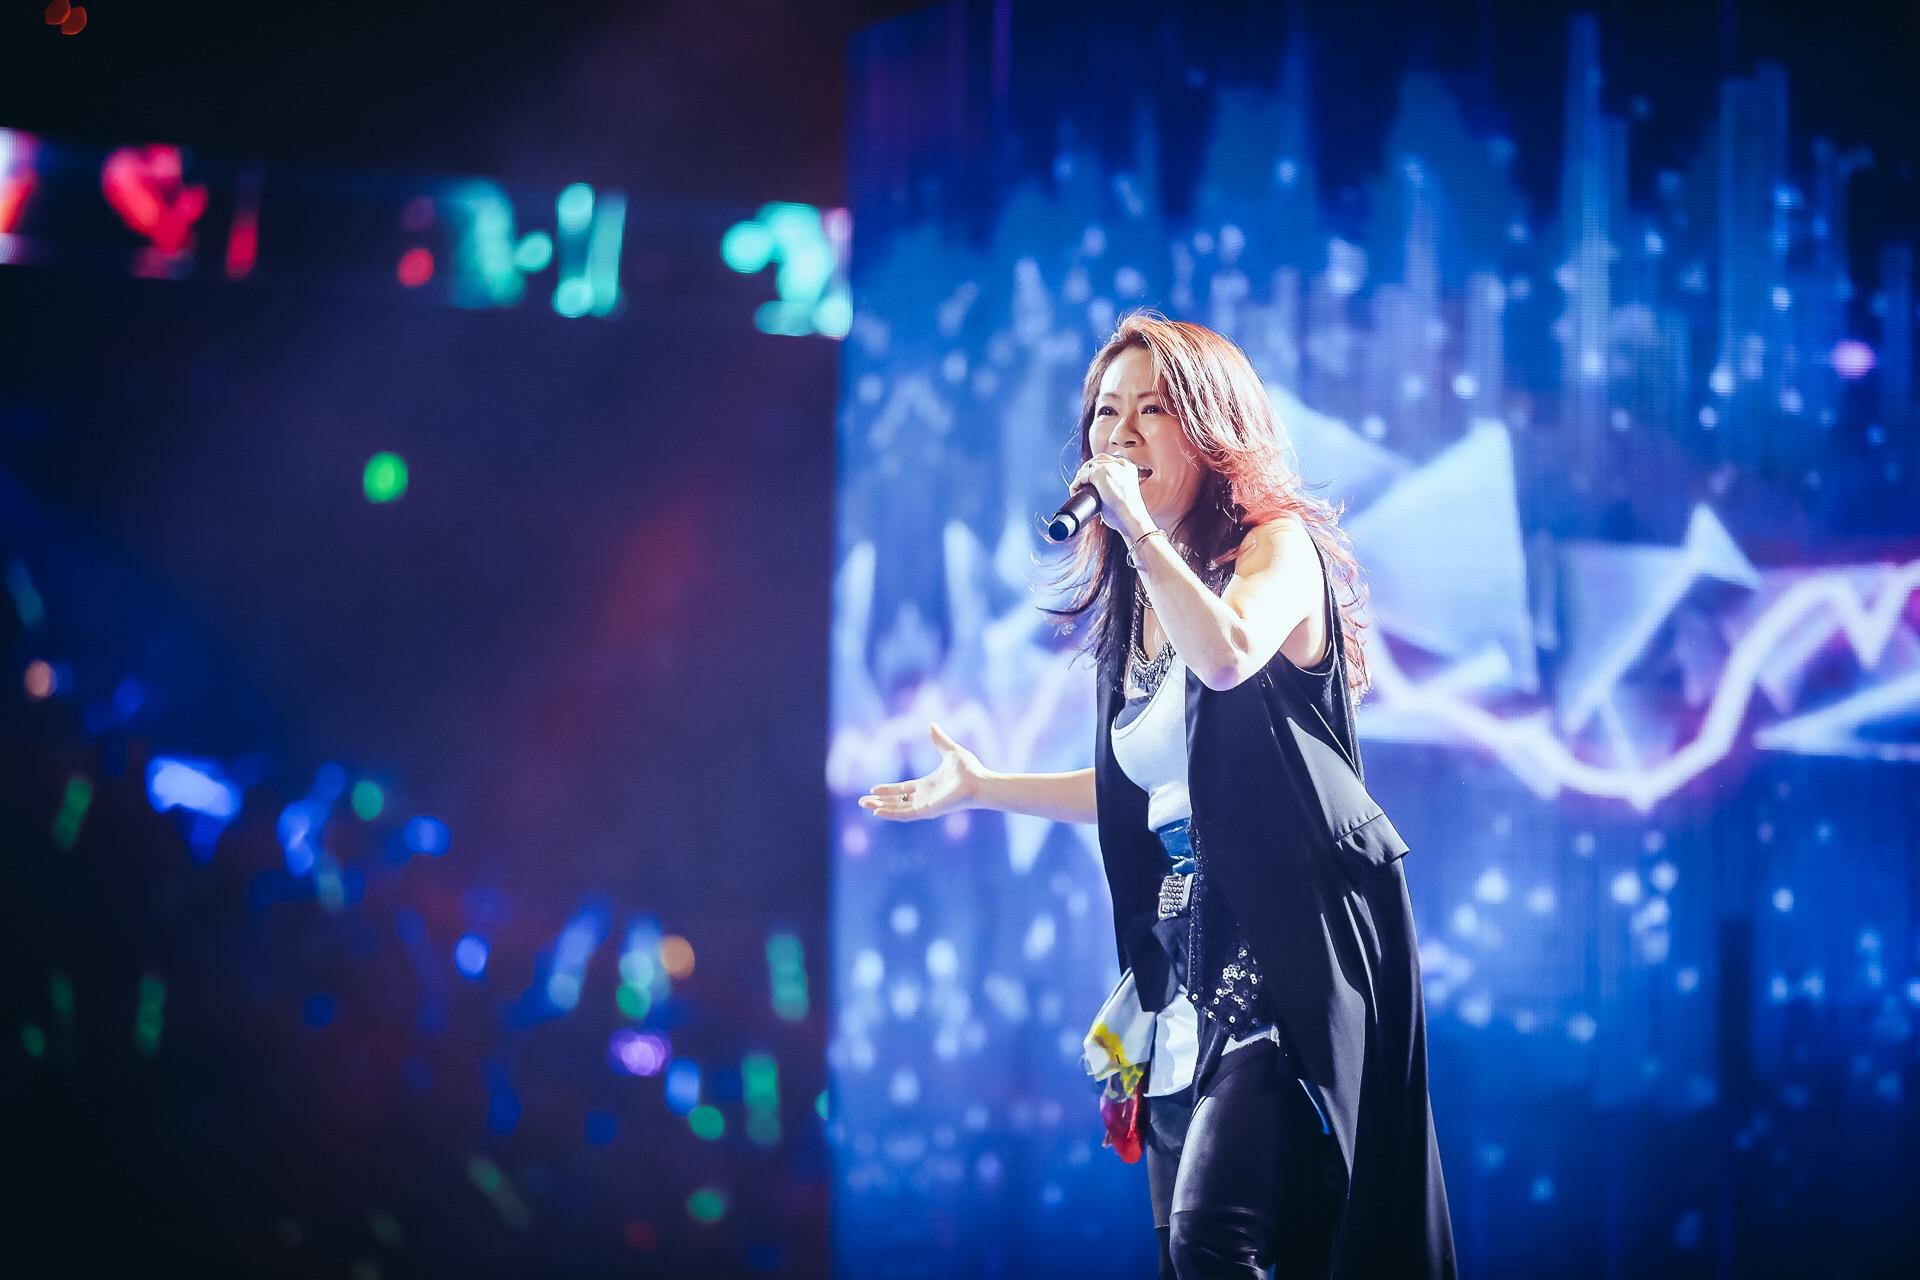 大黑摩季专访:坚持自我,向歌迷传递真正的音乐